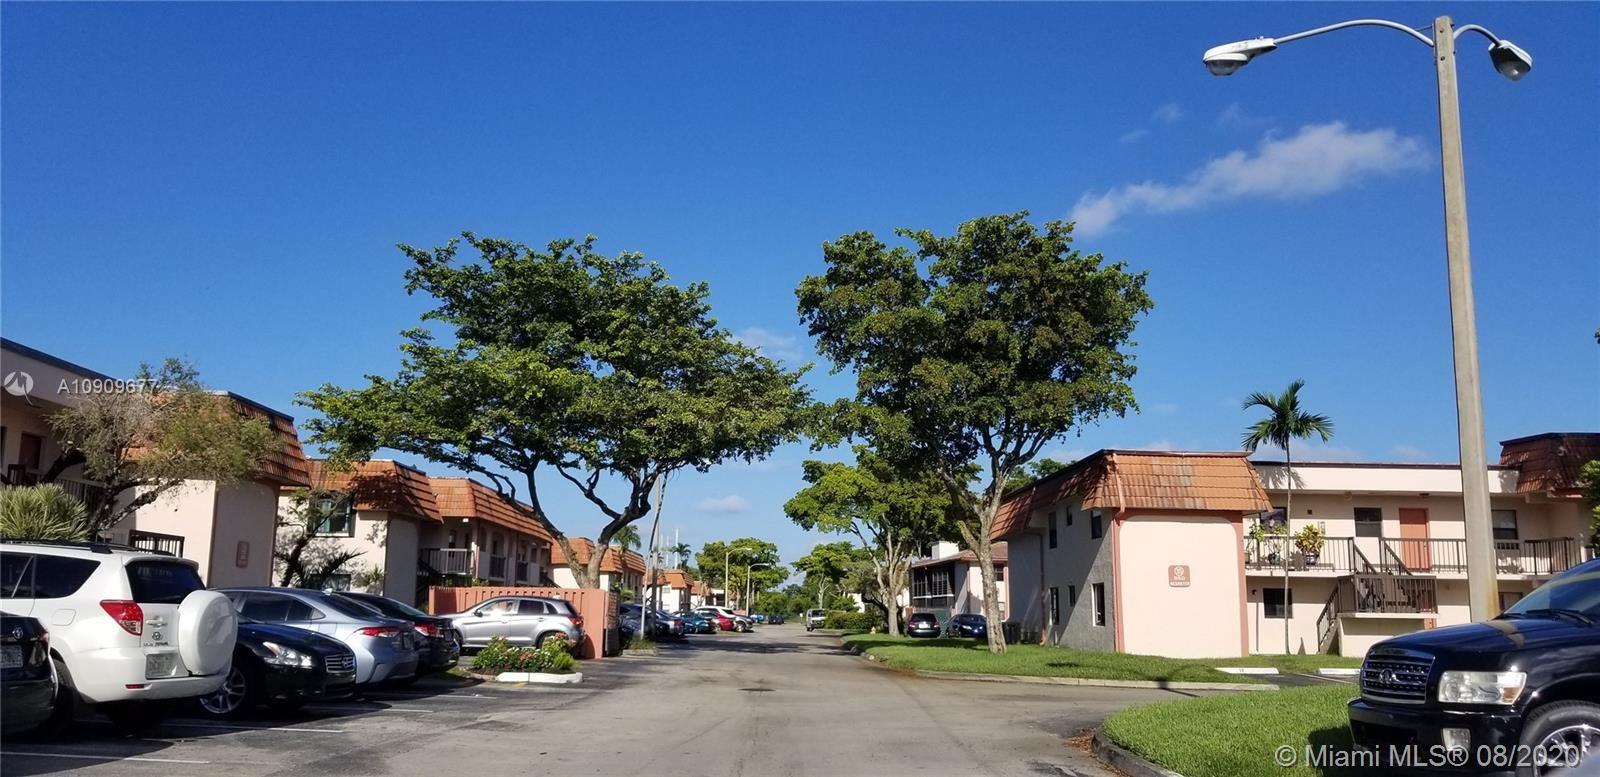 911 NE 209th Ter #102-27, Miami, FL 33179 - #: A10909677